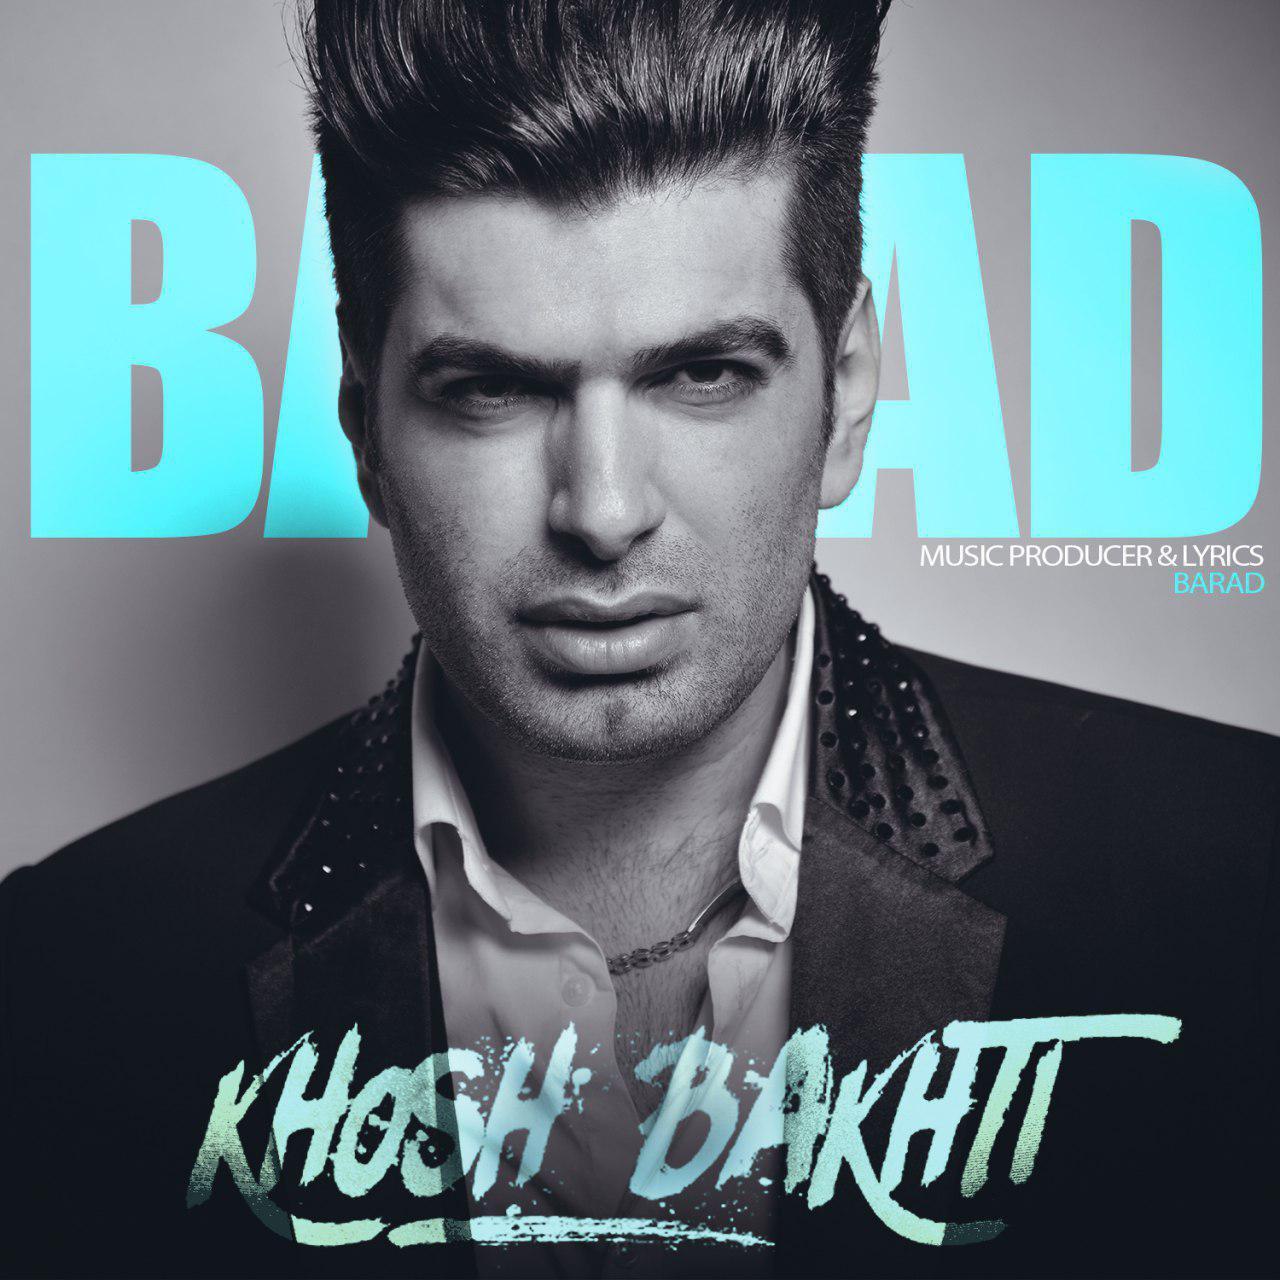 Barad – Khoshbakhti